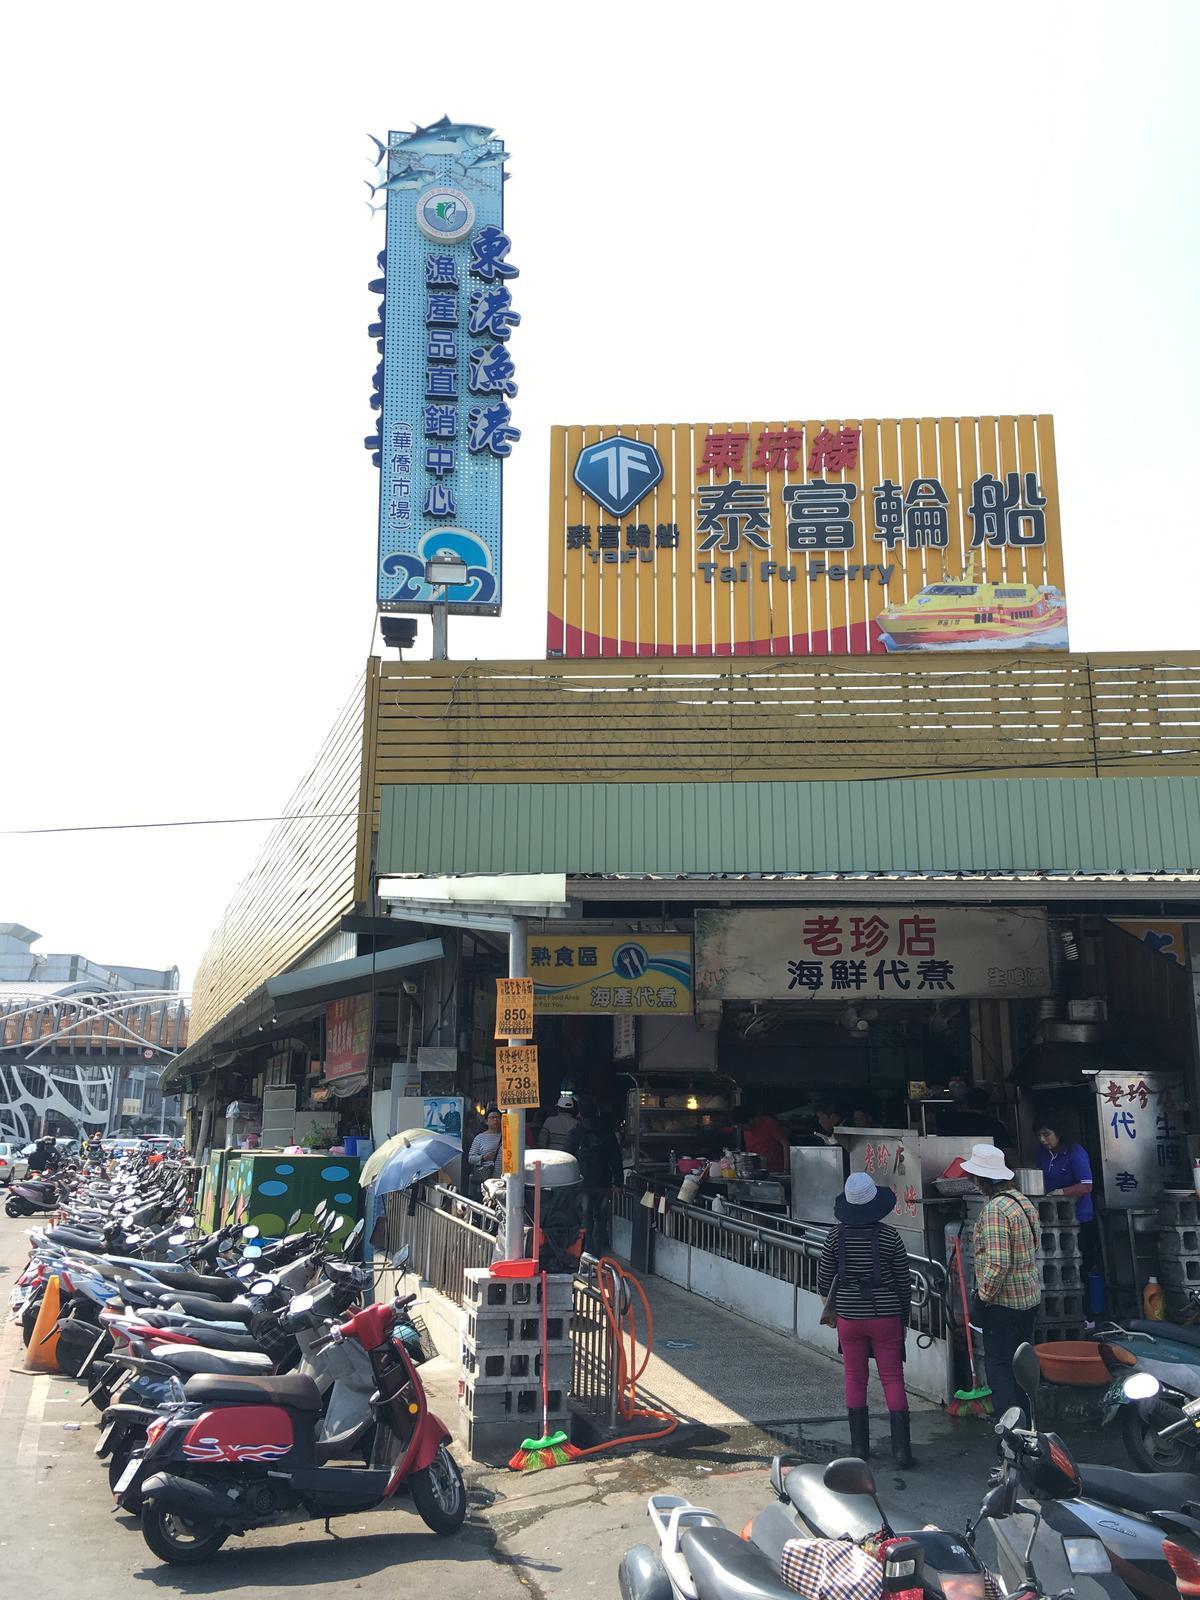 「華僑市場」佔地近1500坪,多達400個攤位,以物美價廉的海鮮漁獲出名。